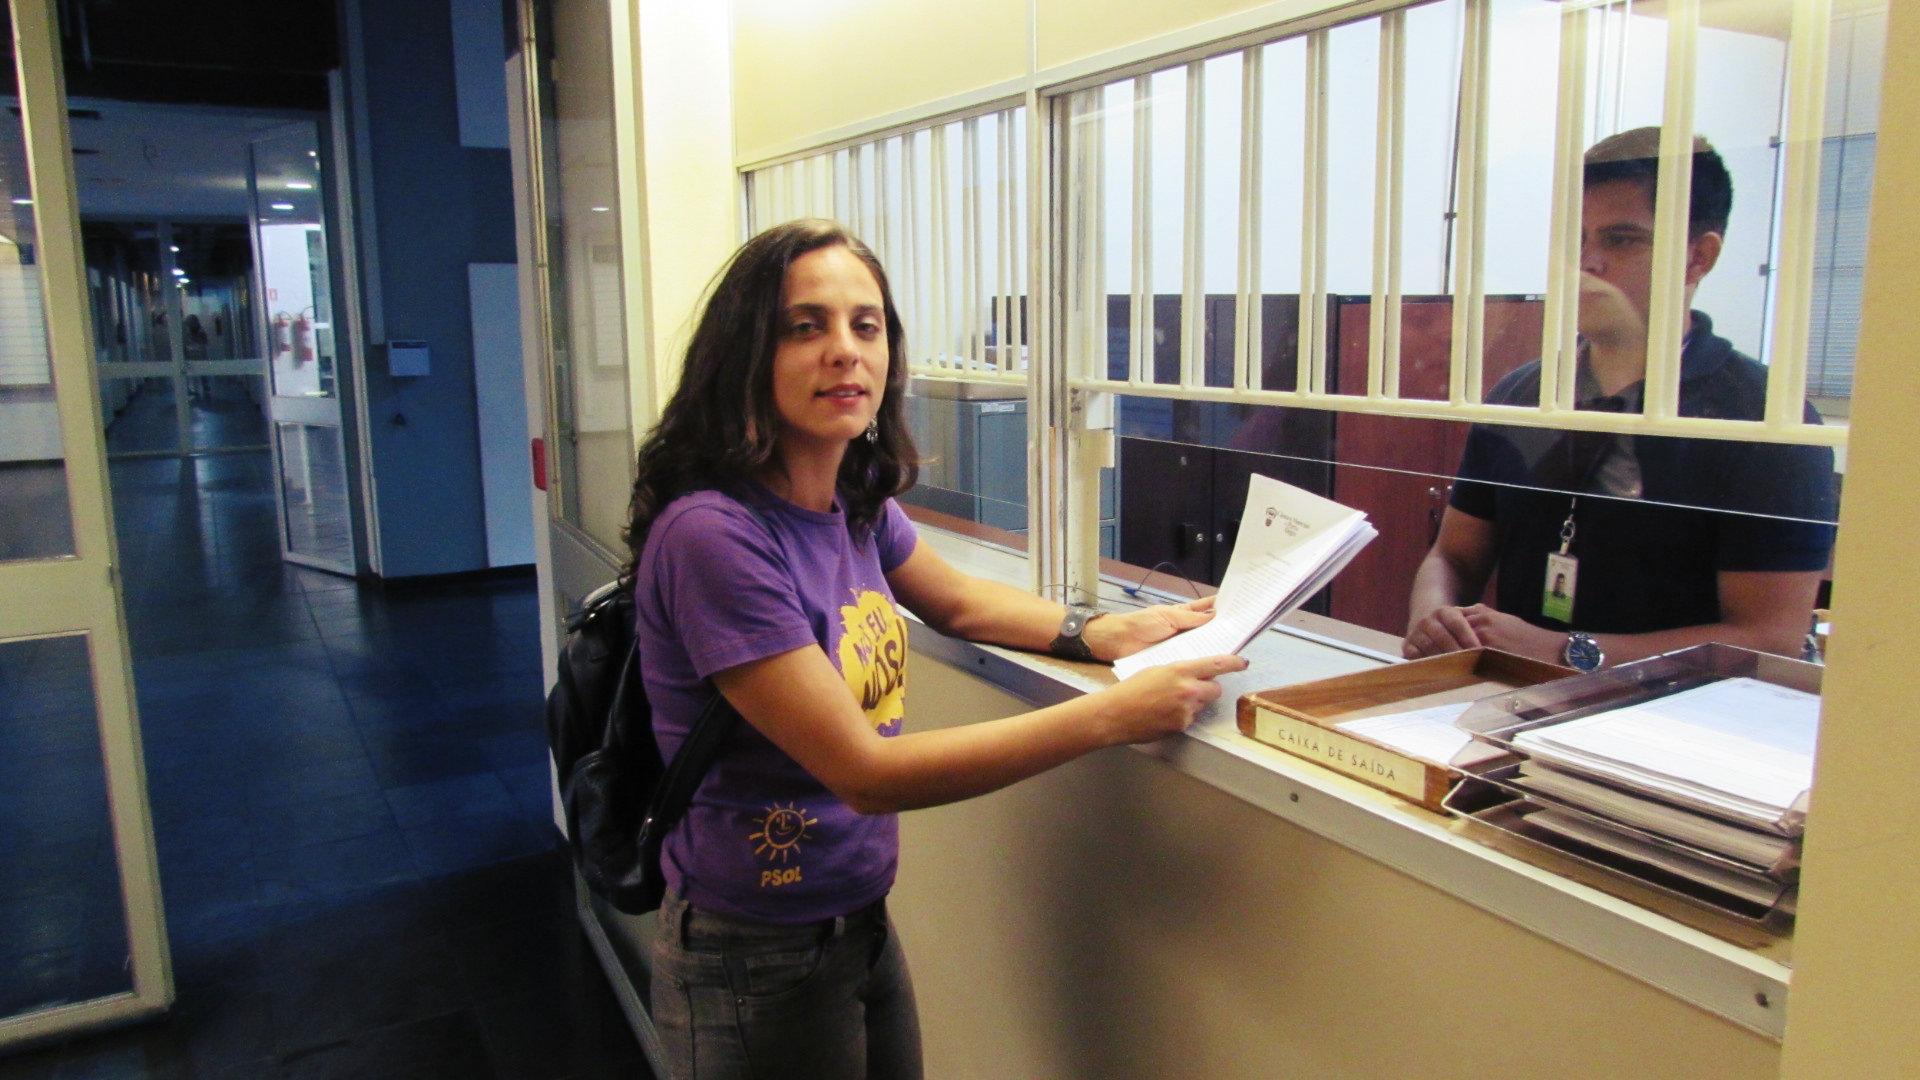 Vereadora Fernanda Melchionna (PSOL) apresenta pacote de projetos em defesa das mulheres